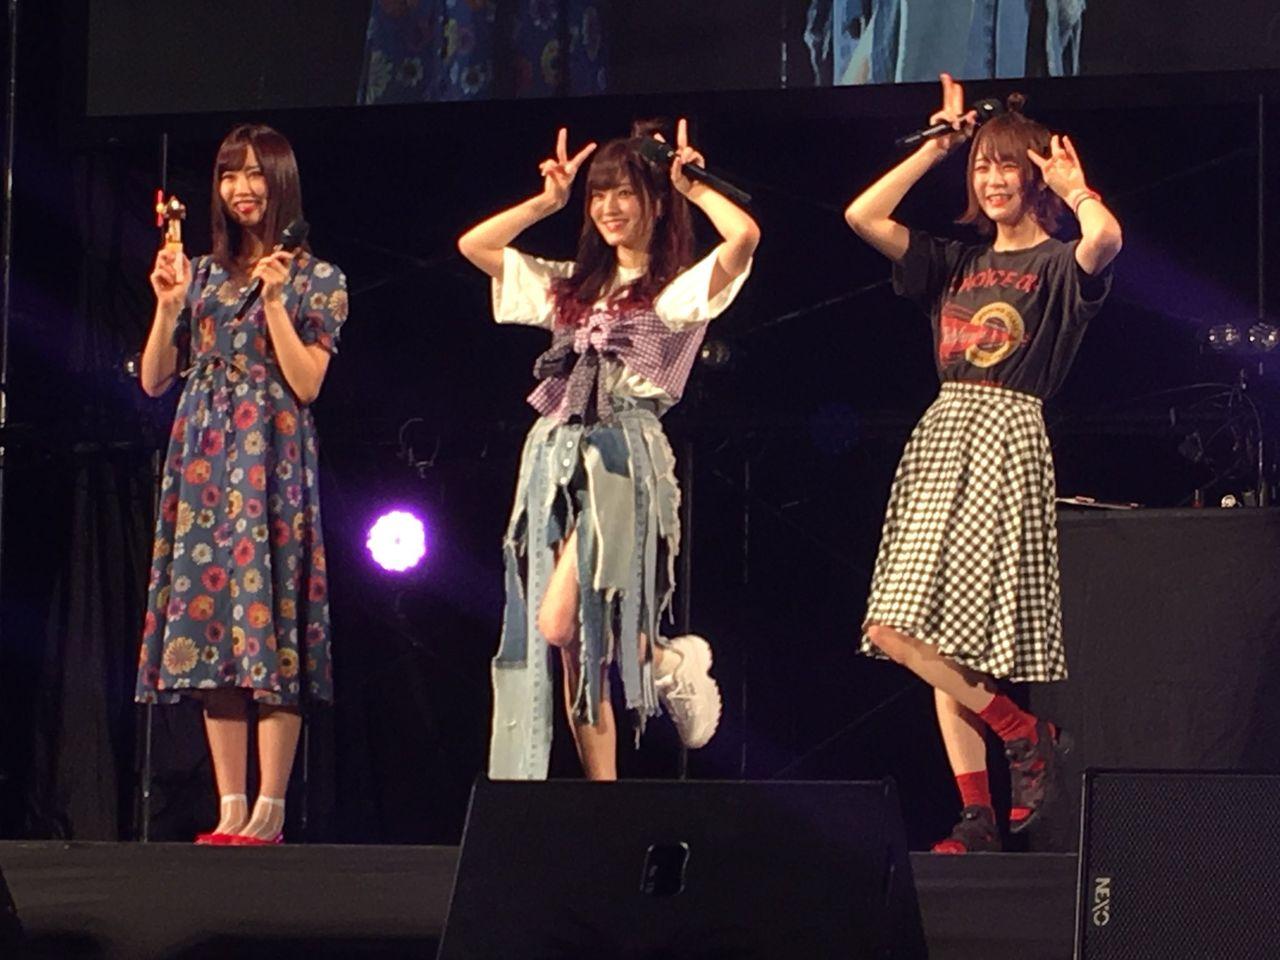 【NMB48】三田麻央のタイ土産、さや姉のNY土産【ヴァタ子】